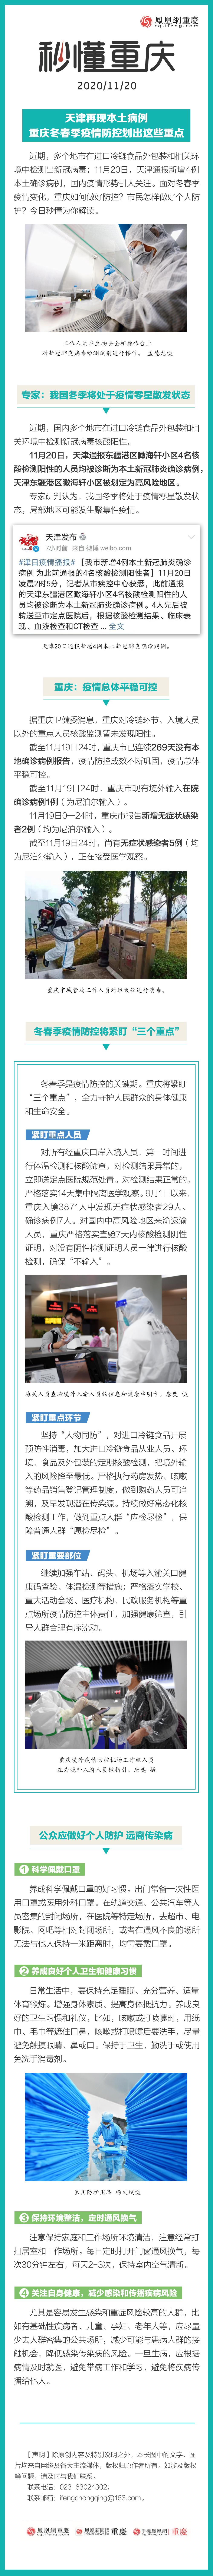 秒懂重庆   天津再现本土病例 重庆冬春季疫情防控划出这些重点